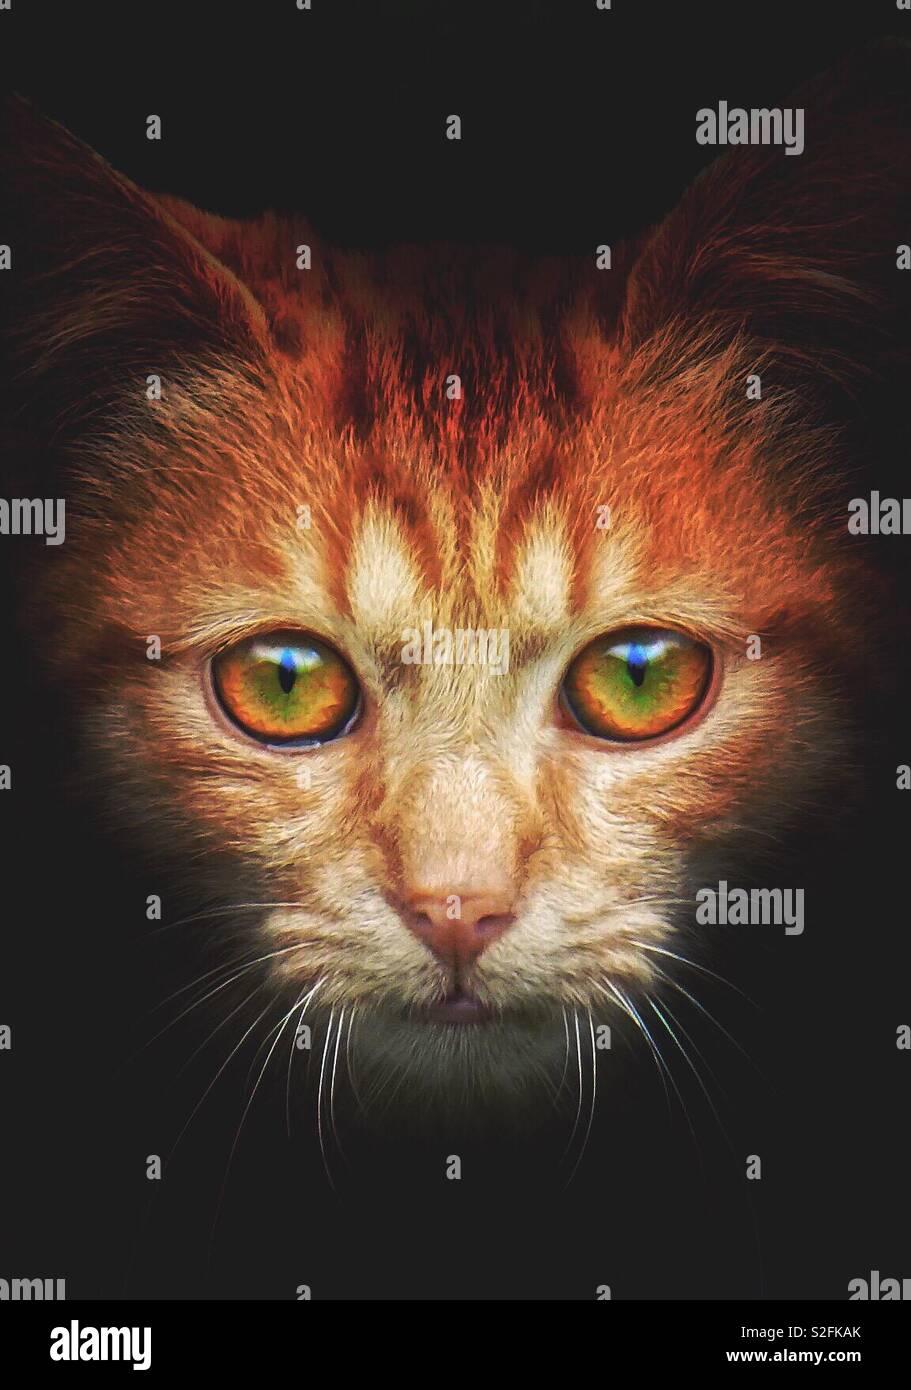 Il bellissimo gatto marrone ritratto Immagini Stock